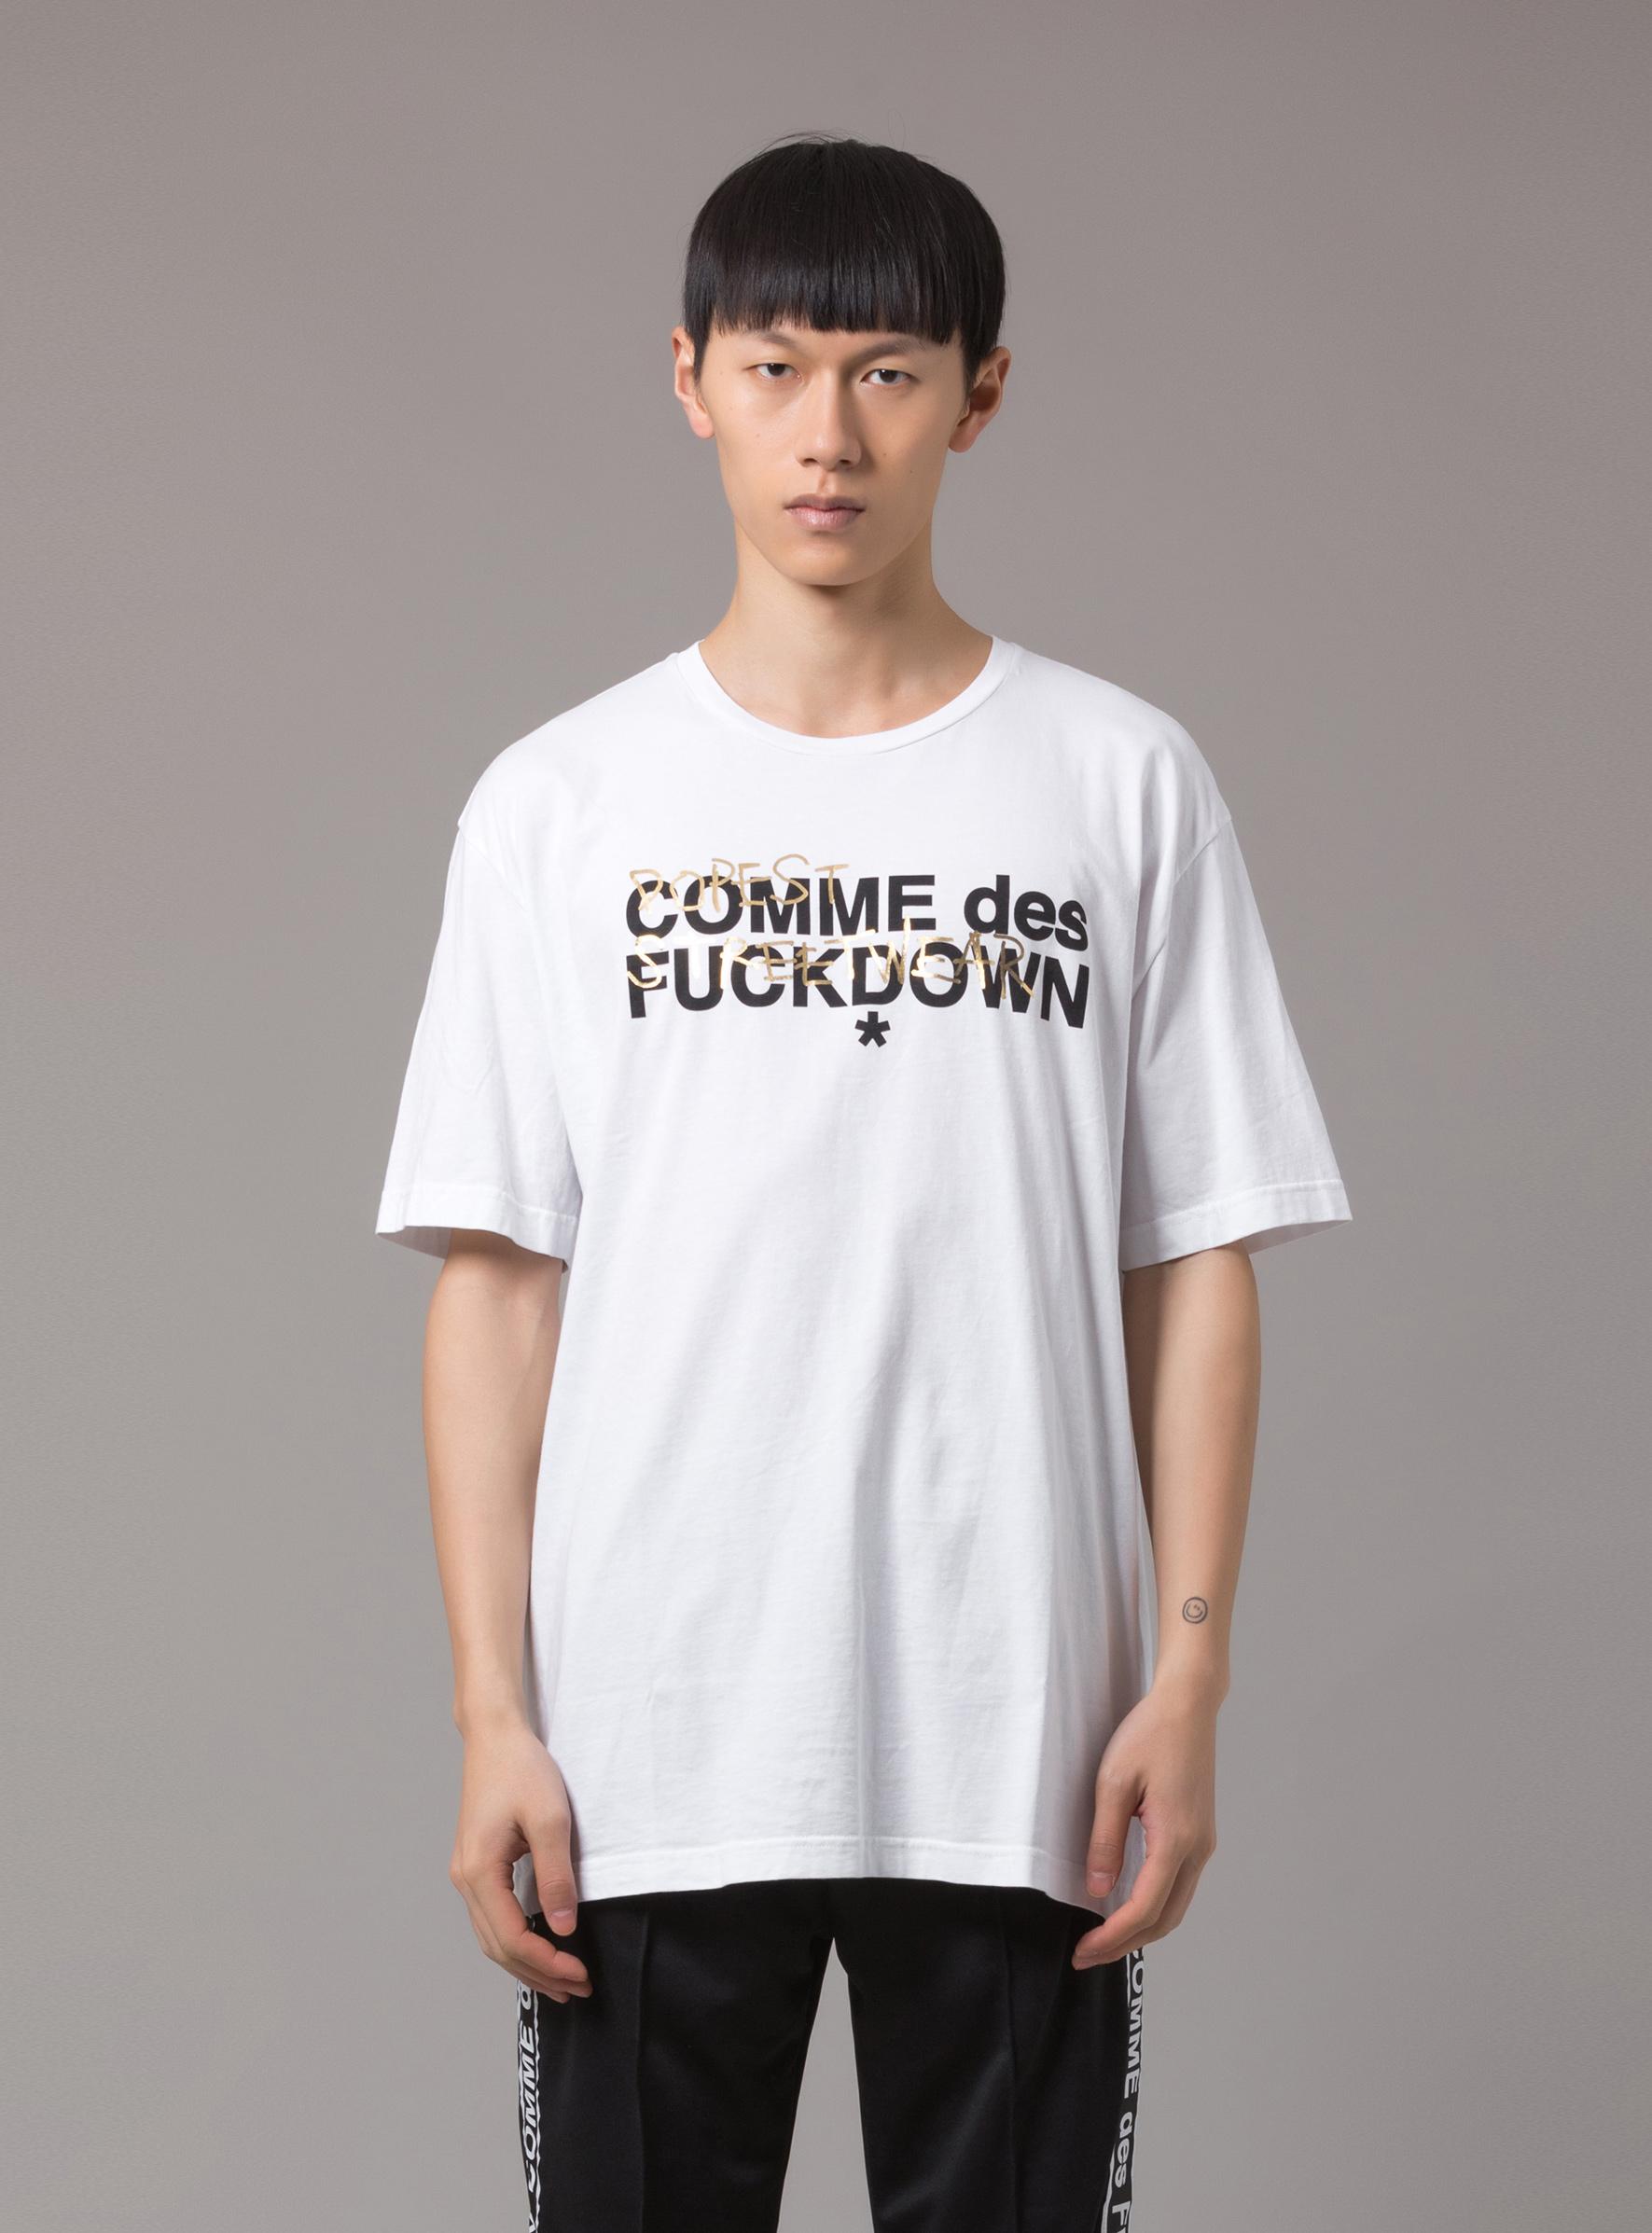 T-SHIRT - CDFU264 - COMME DES FKDOWN